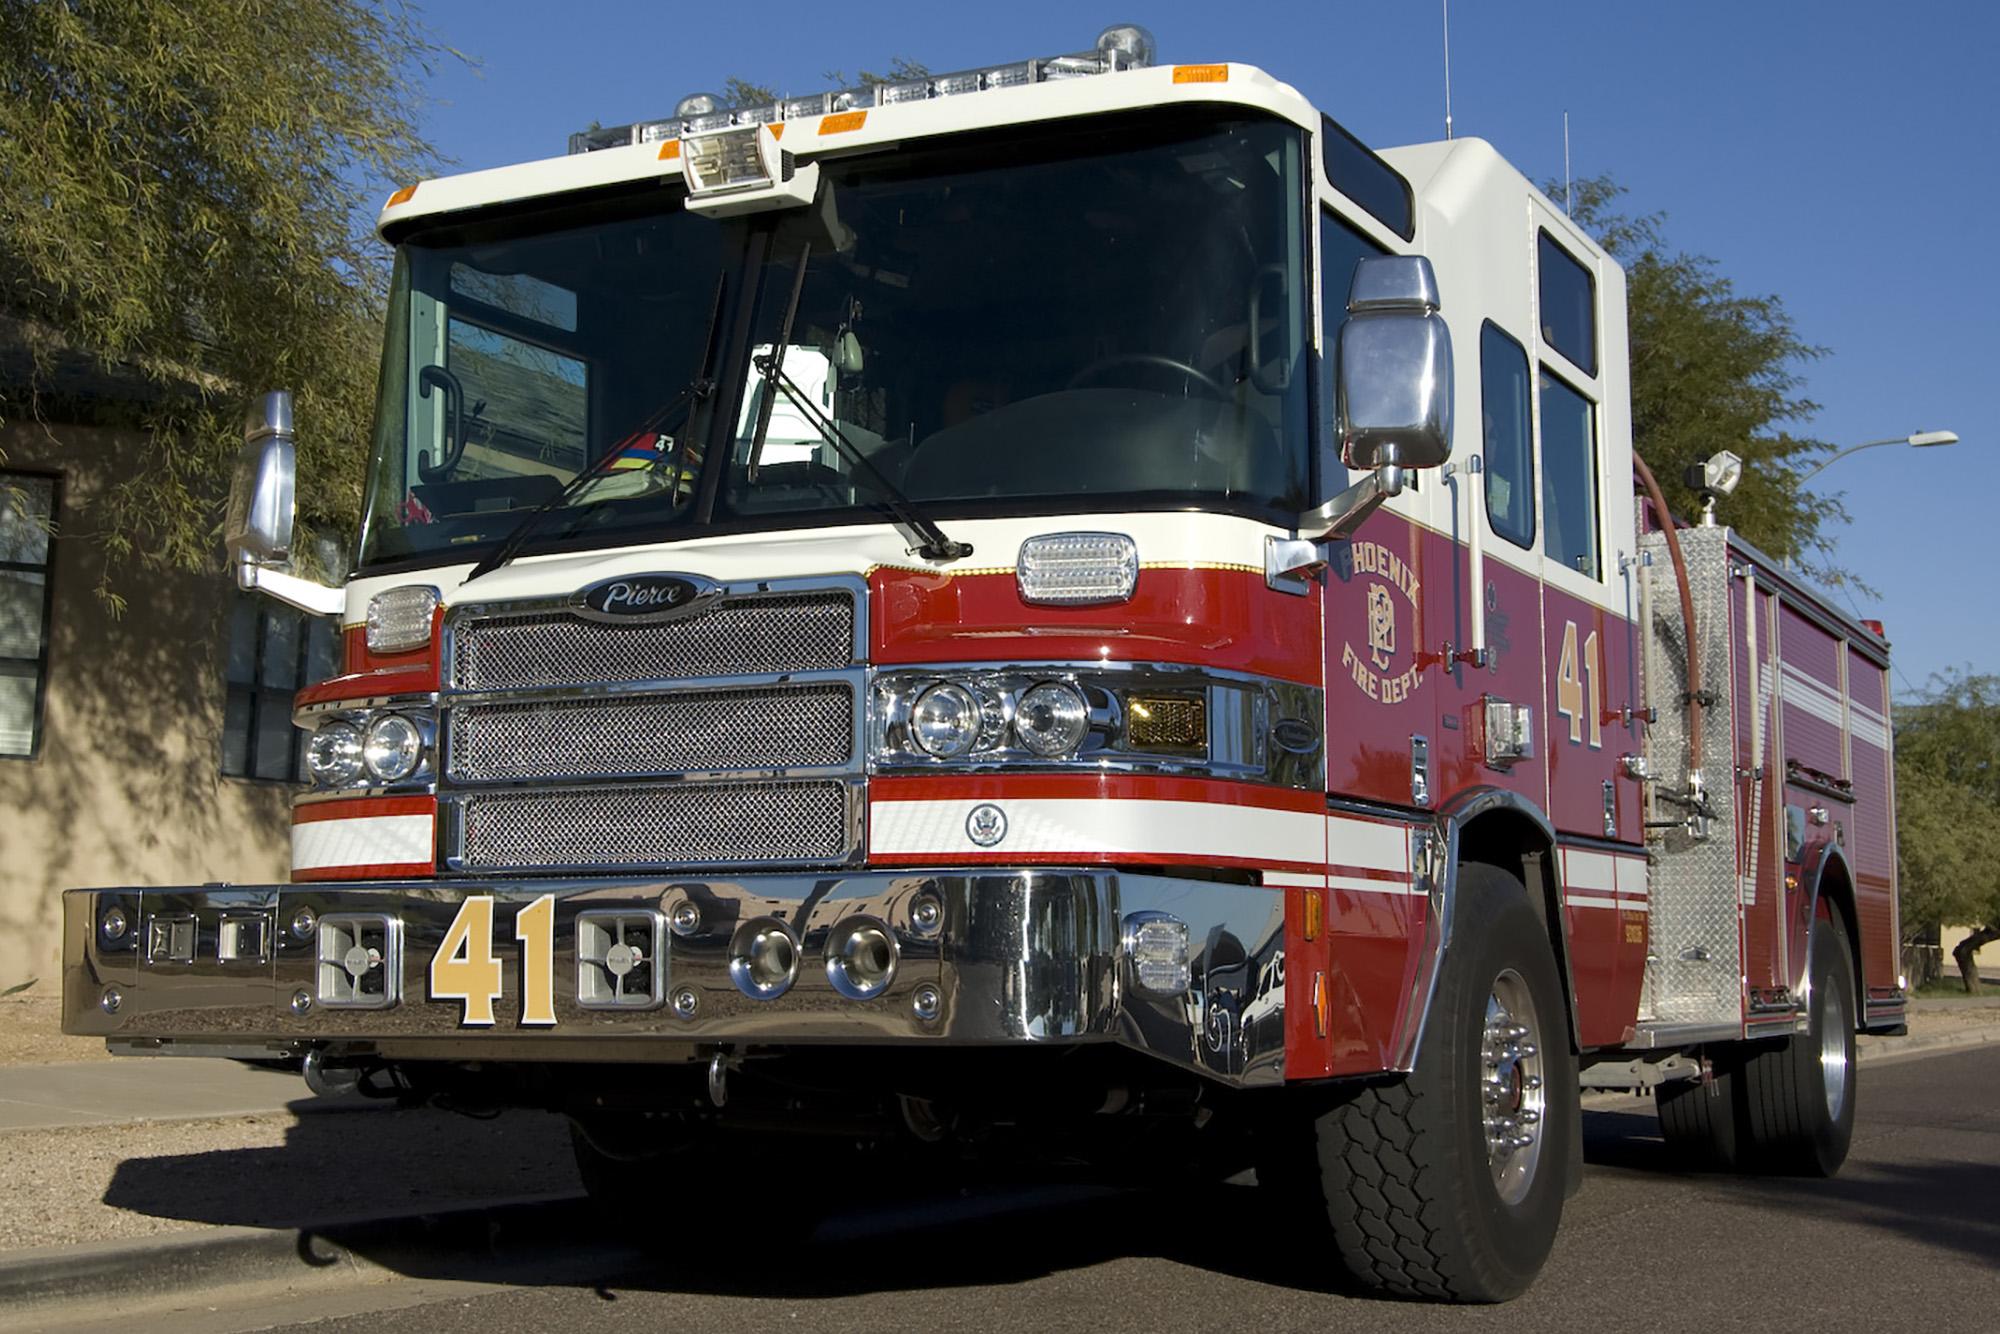 Fire Phoenix Fire Department